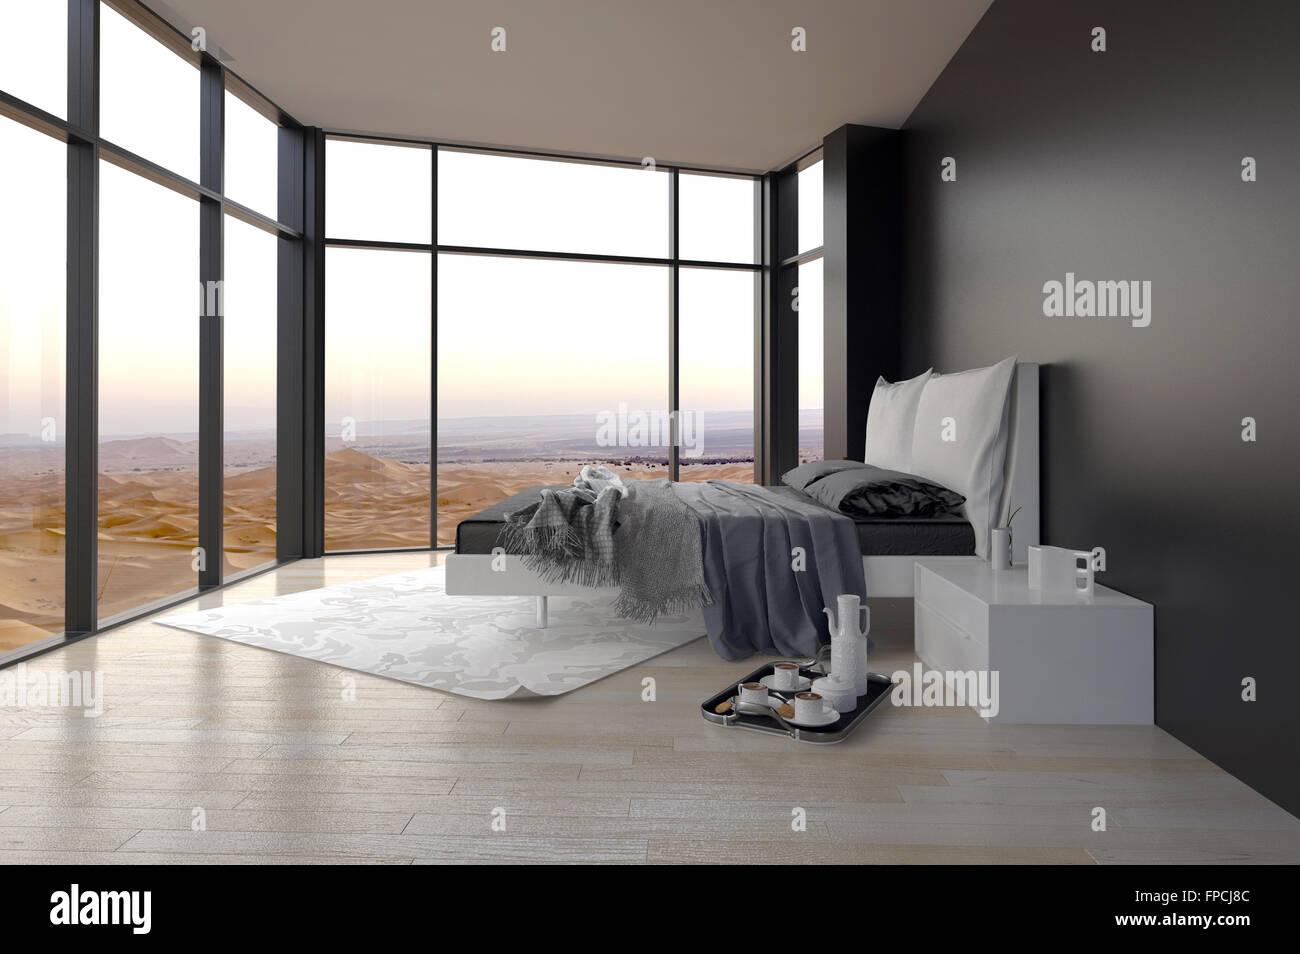 Elegante grigio e bianco interiore camera da letto con avvolgere dal ...